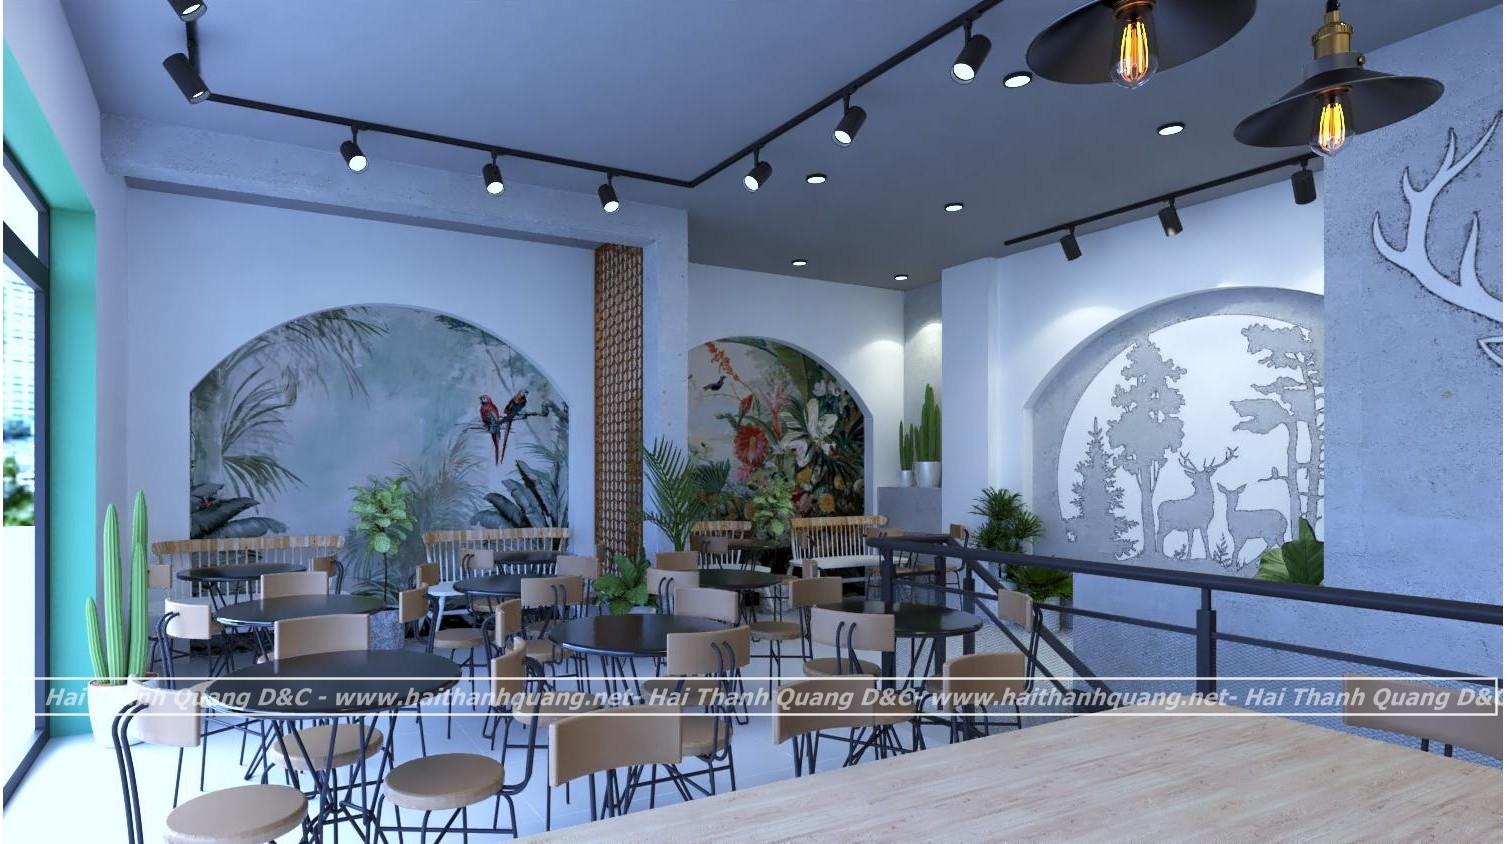 BÀN GHẾ CAFE Ở QUY NHƠN HTQ098